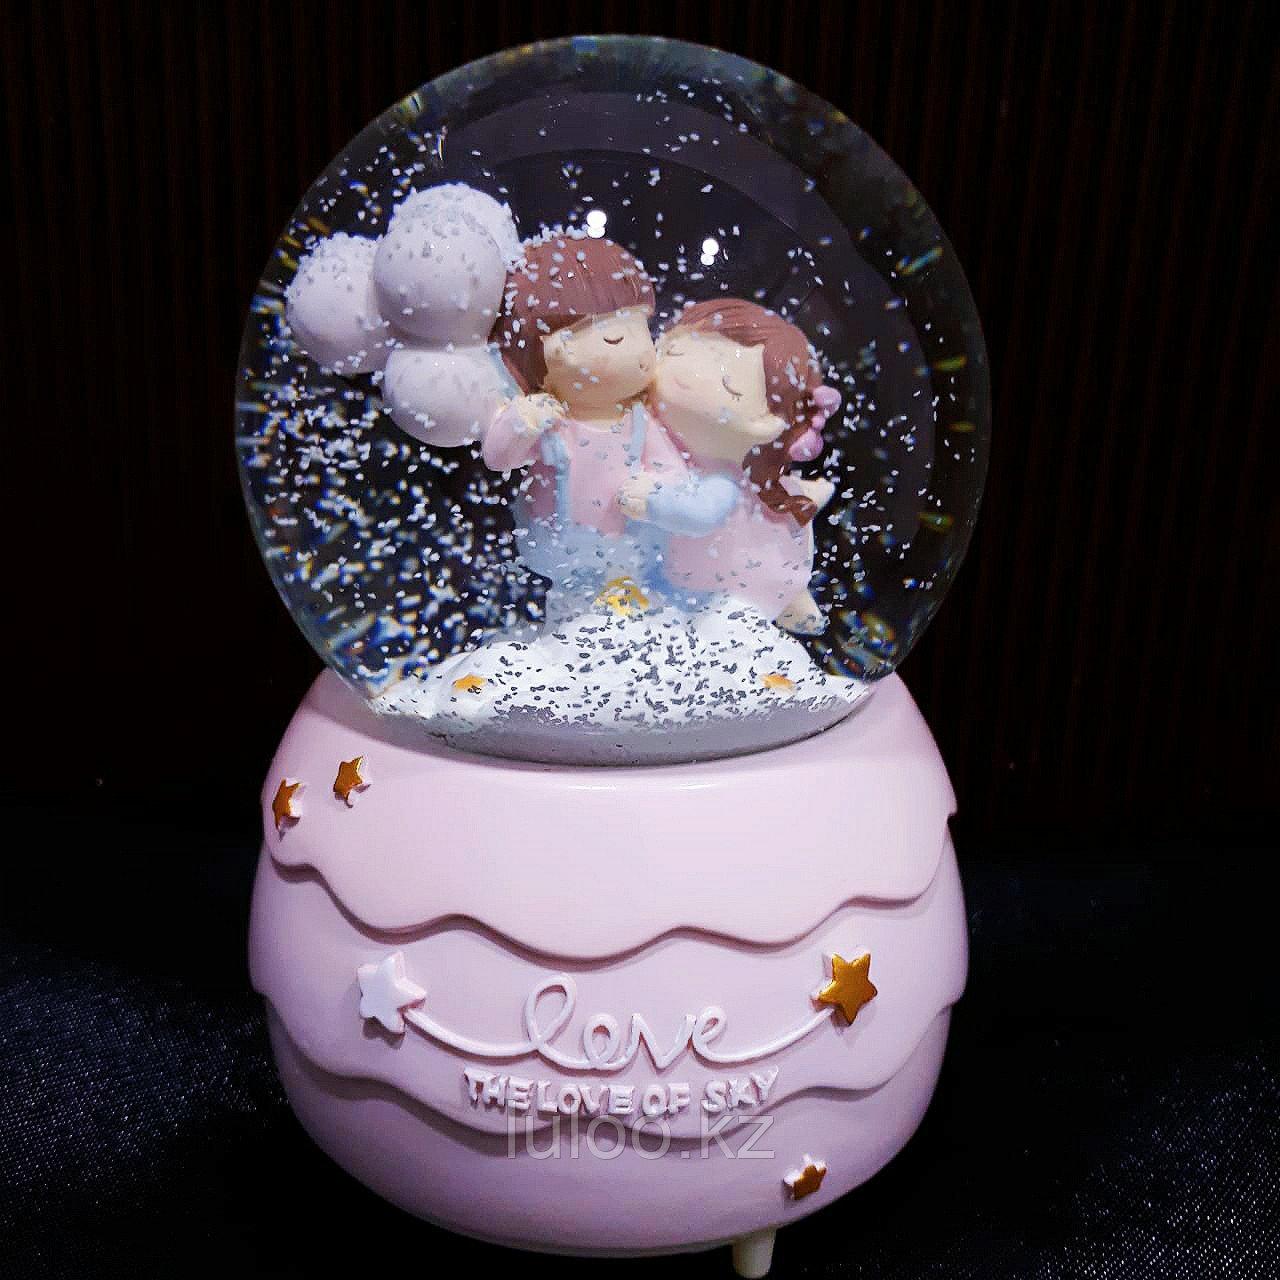 """Музыкальный снежный шар """"Воздушные шары"""", 16см. - фото 1"""